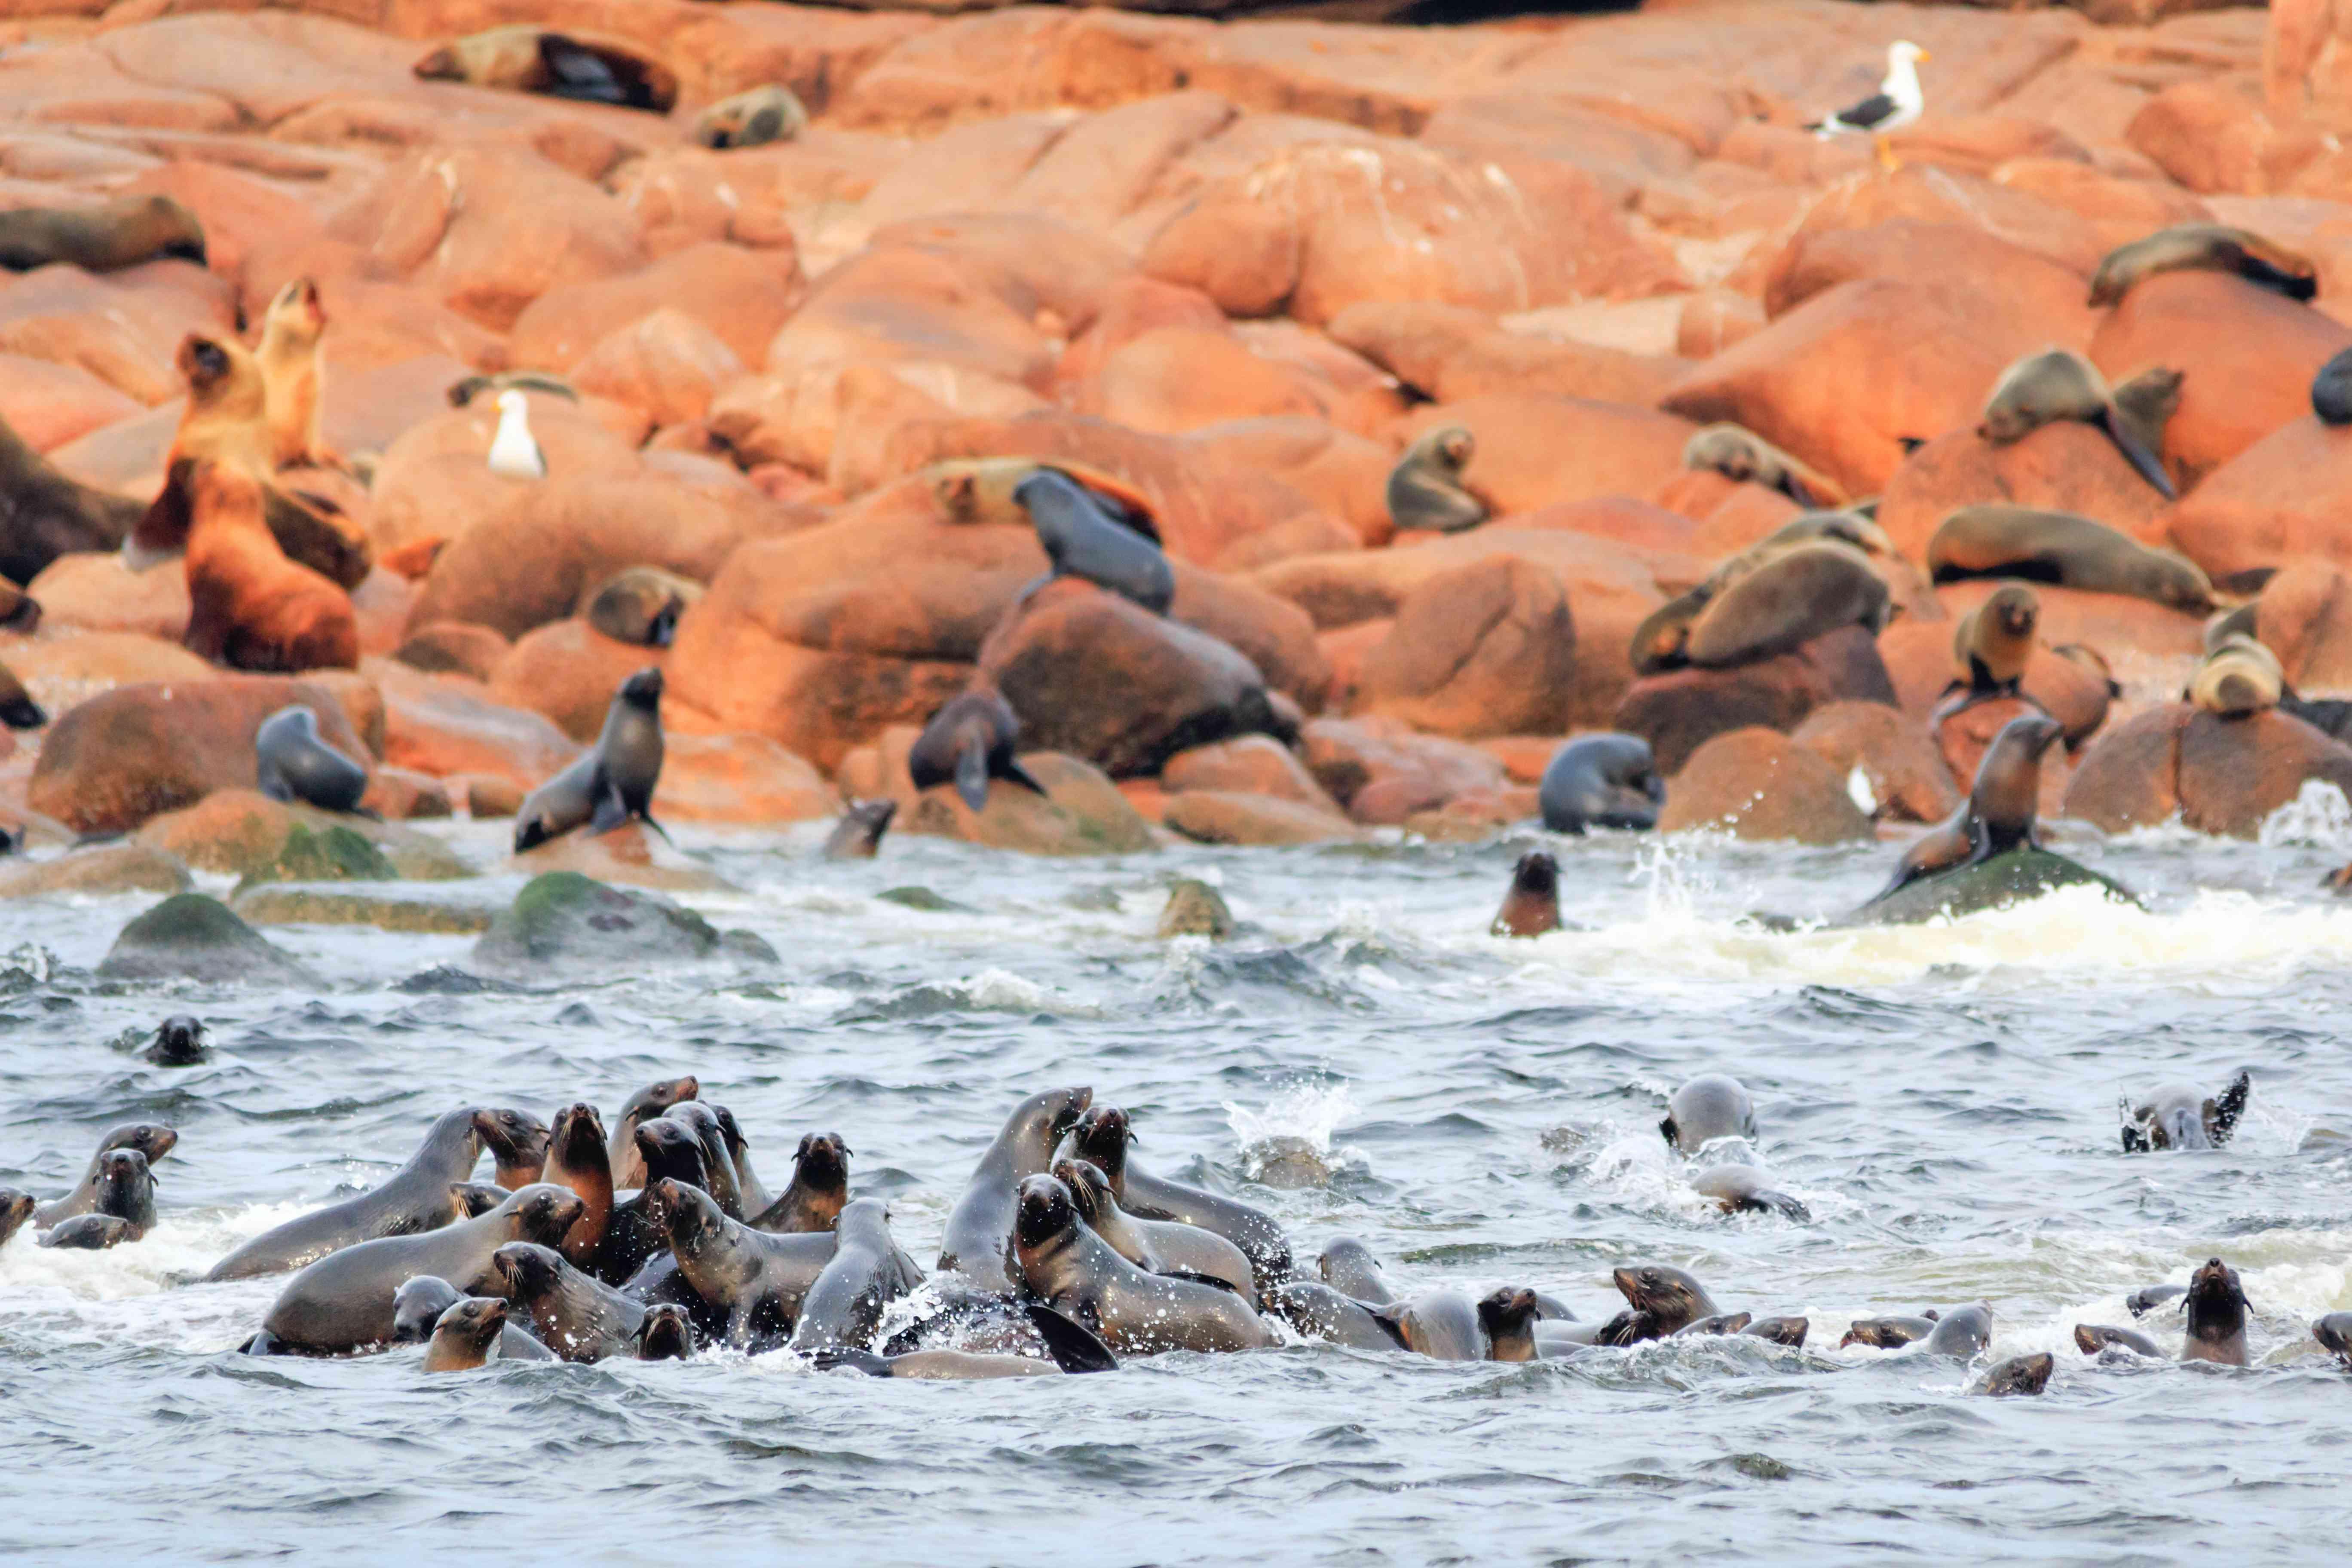 Sea lions in Isla de Lobos, Punta del Este, Uruguay